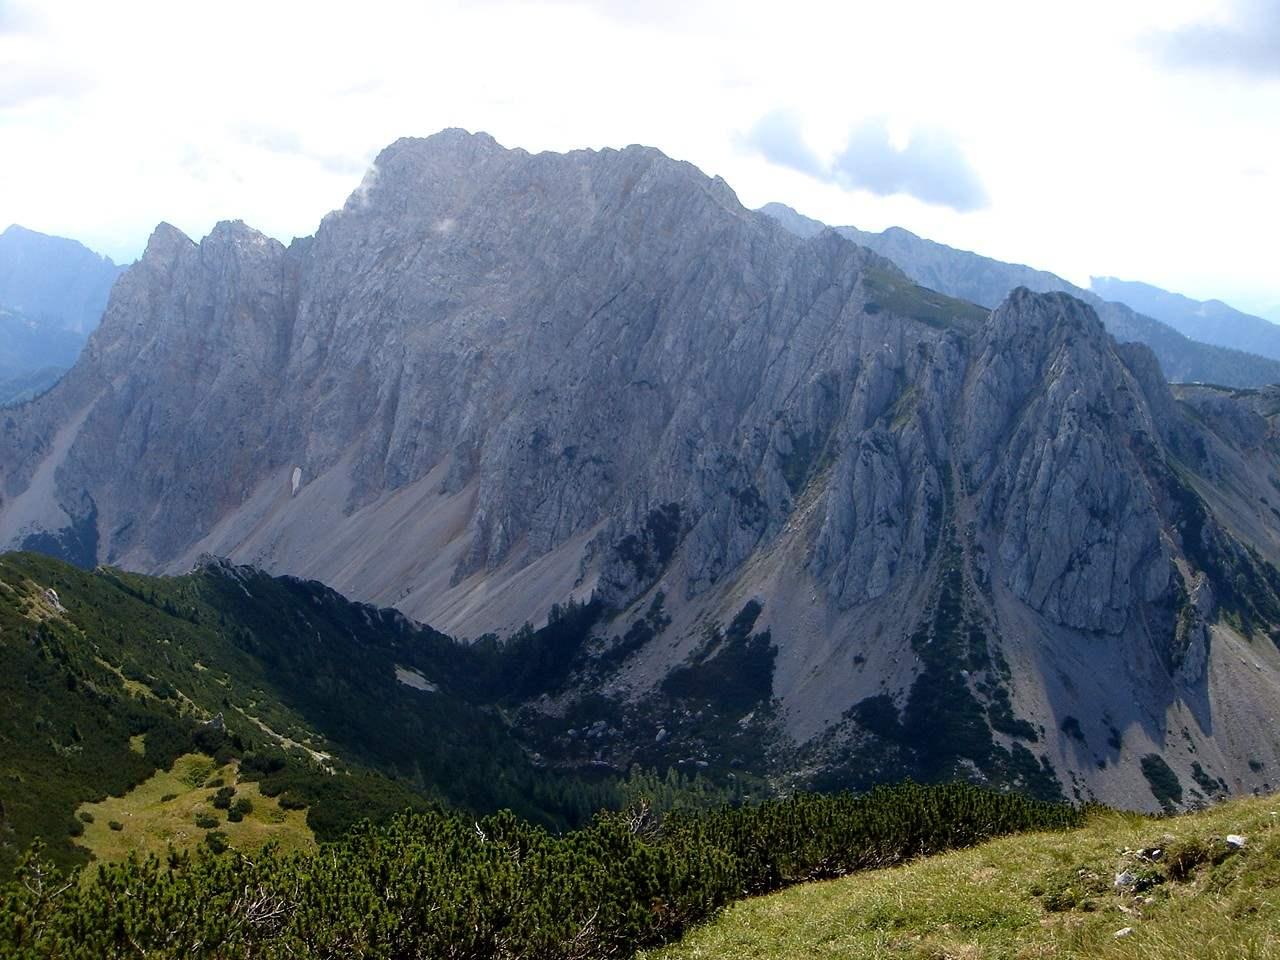 Foto: Manfred Karl / Wander Tour / Über die Klagenfurter Hütte auf den Geißberg / Vertatscha / 20.06.2007 18:07:21